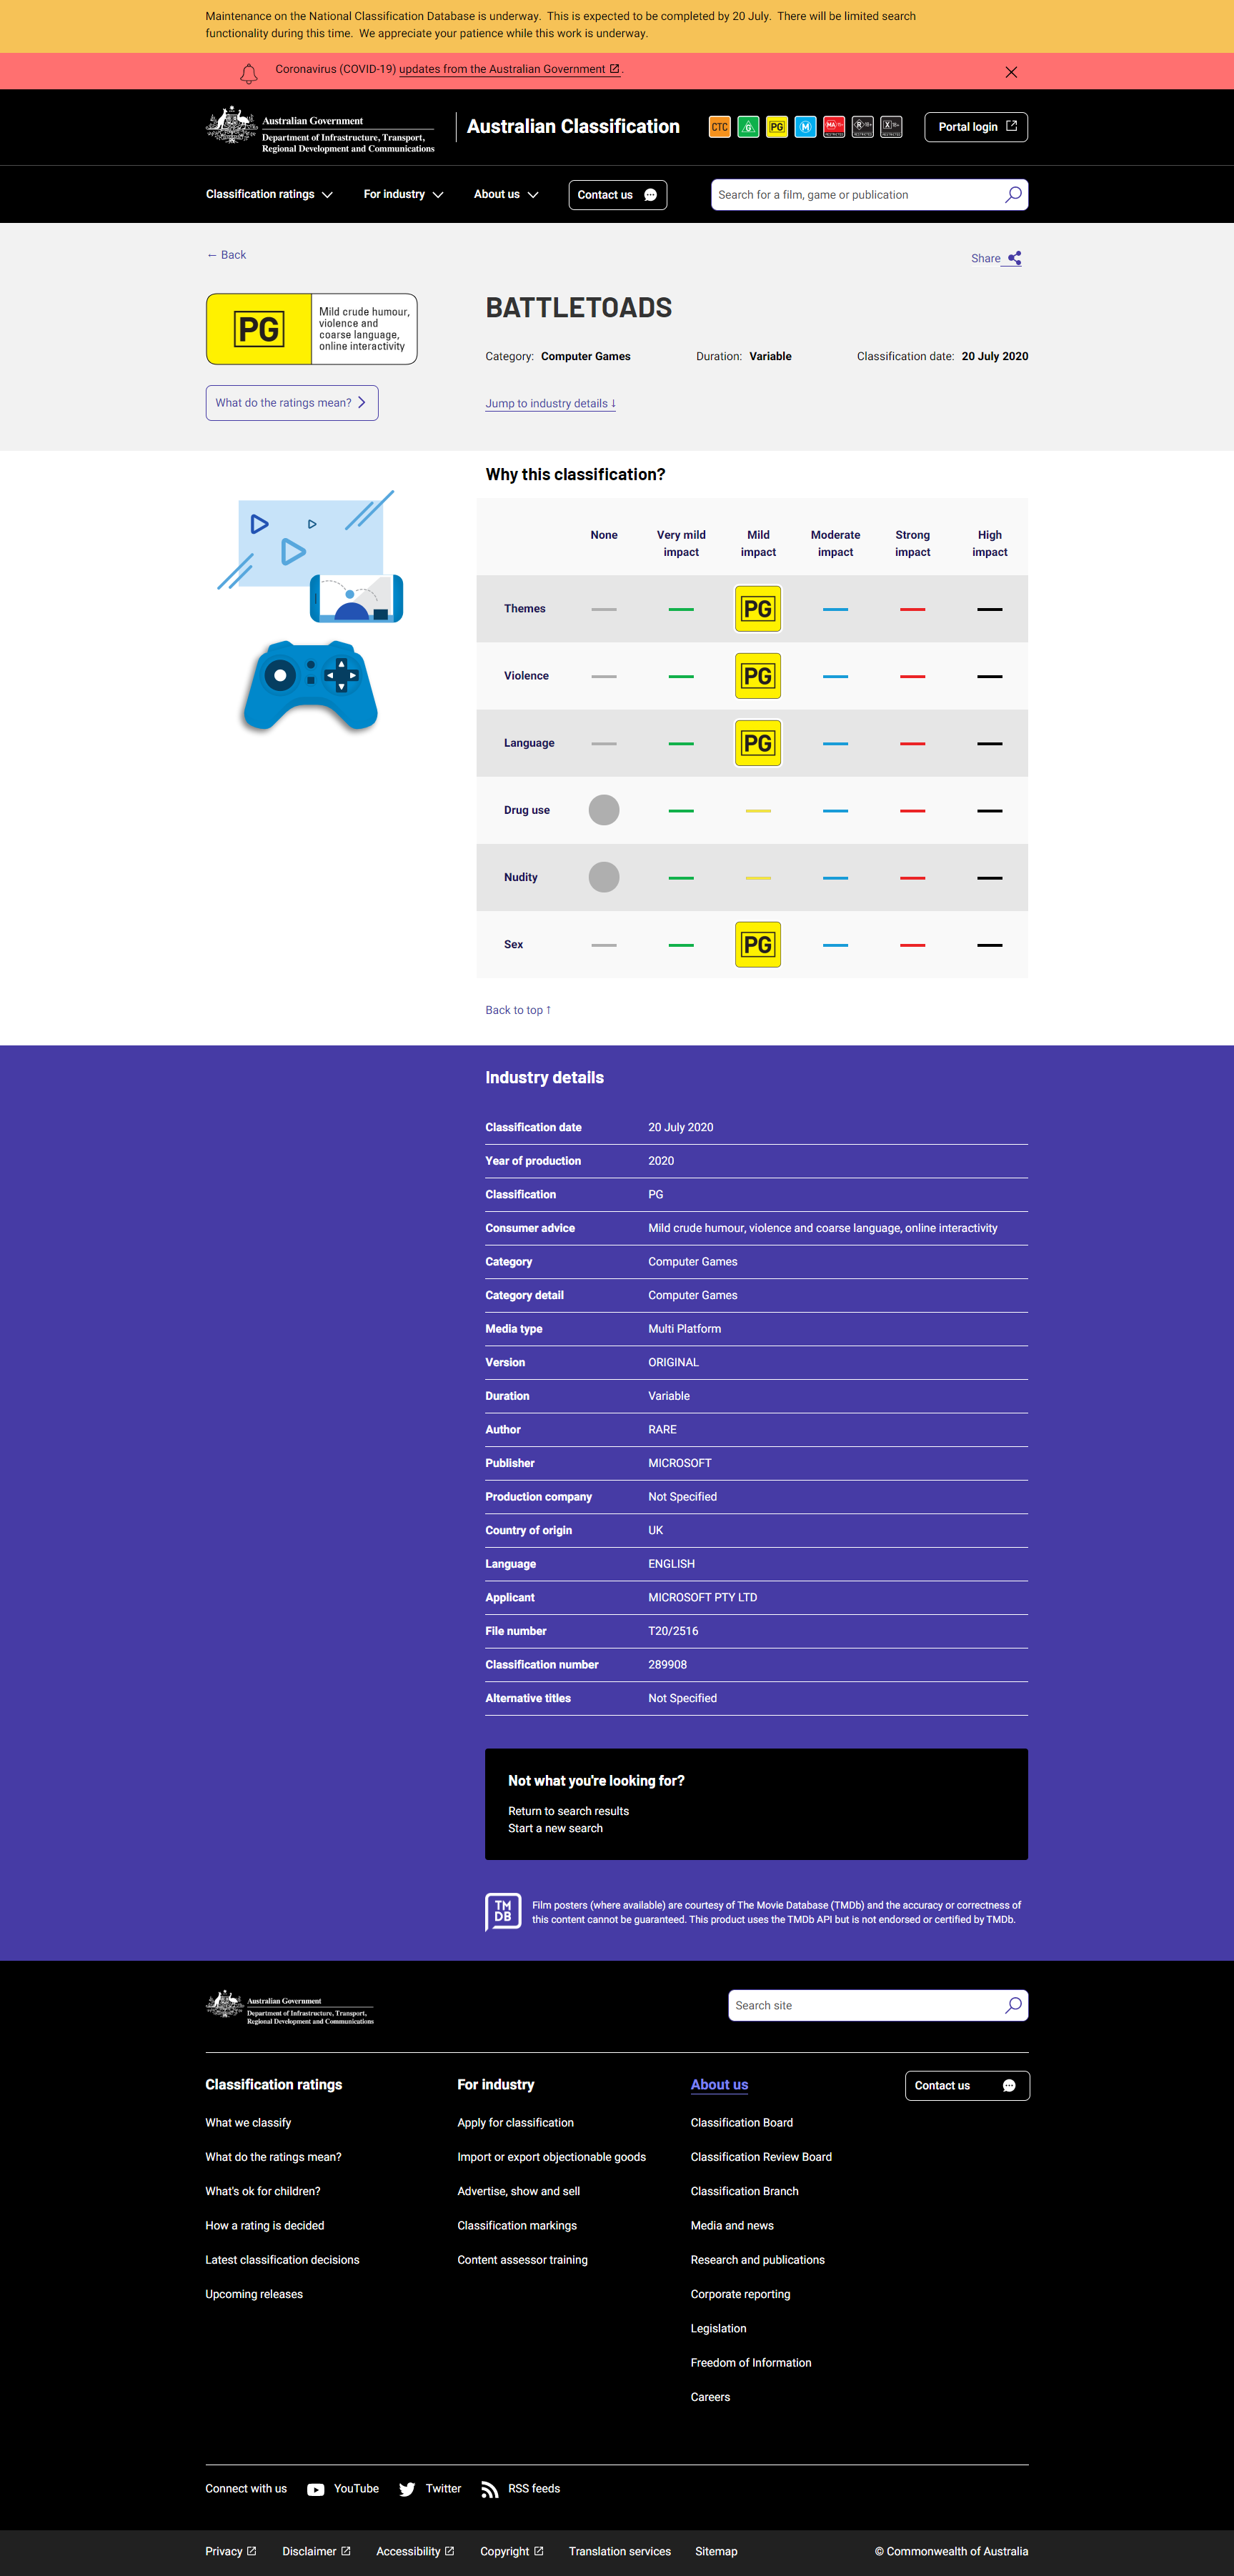 《帝国时代3:终极版》《忍者蛙》通过澳洲分级 或在Xbox发布会上公布